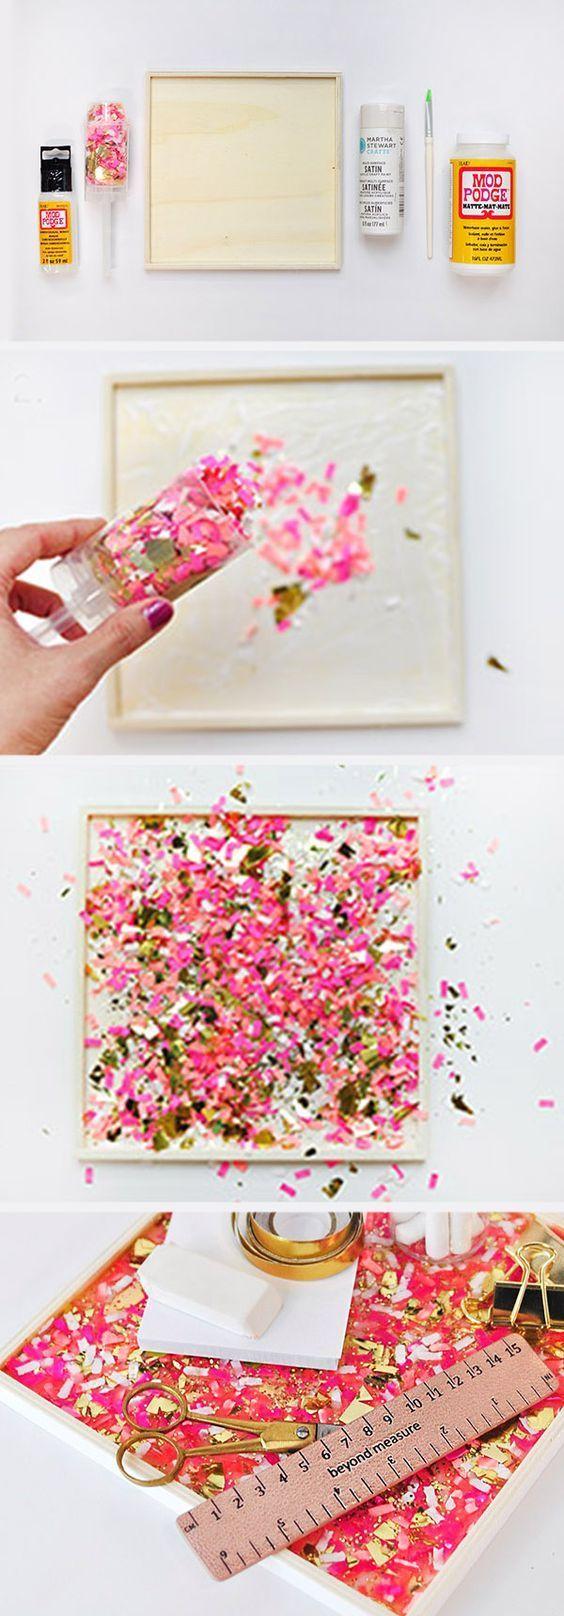 Confetti DIY Tray